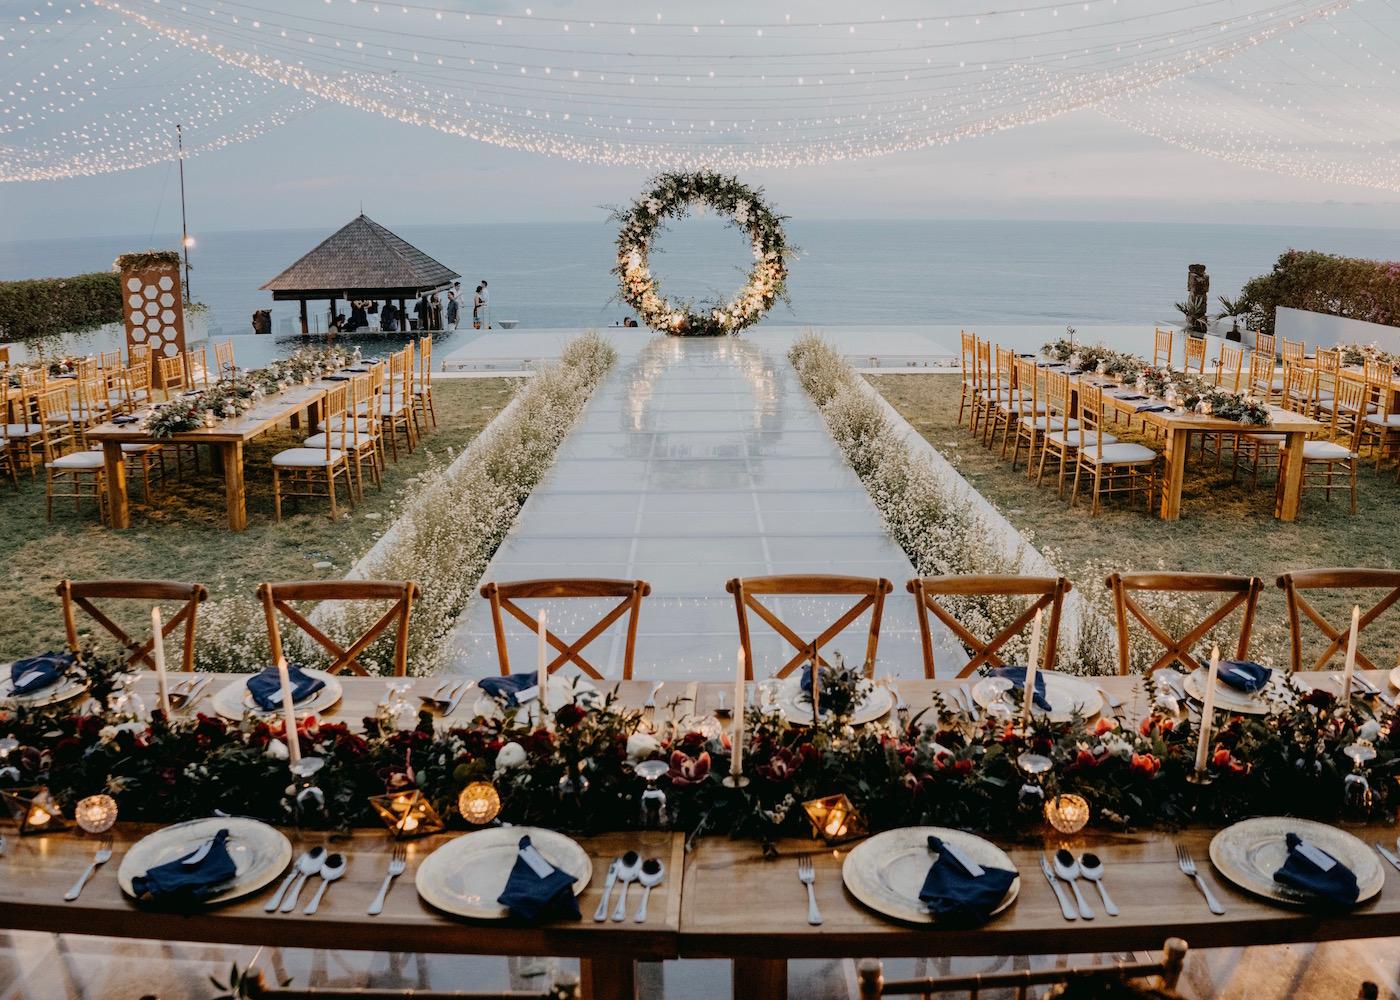 巴厘岛最适合婚礼的酒店之一The Surga - Villa Estate